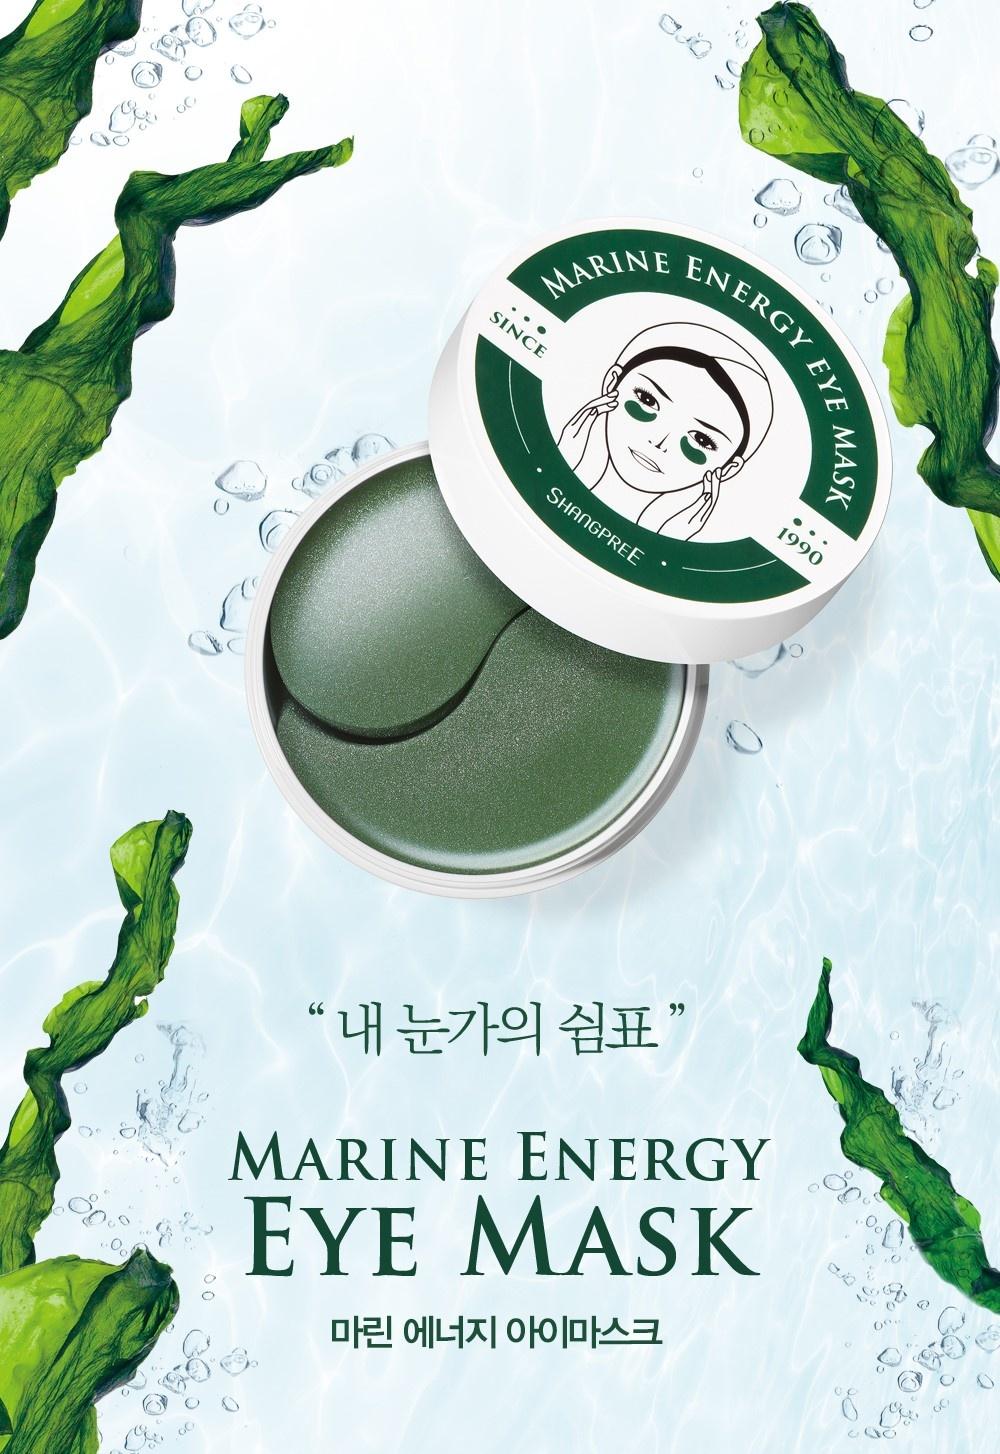 Marine Energy Eye Mask-2